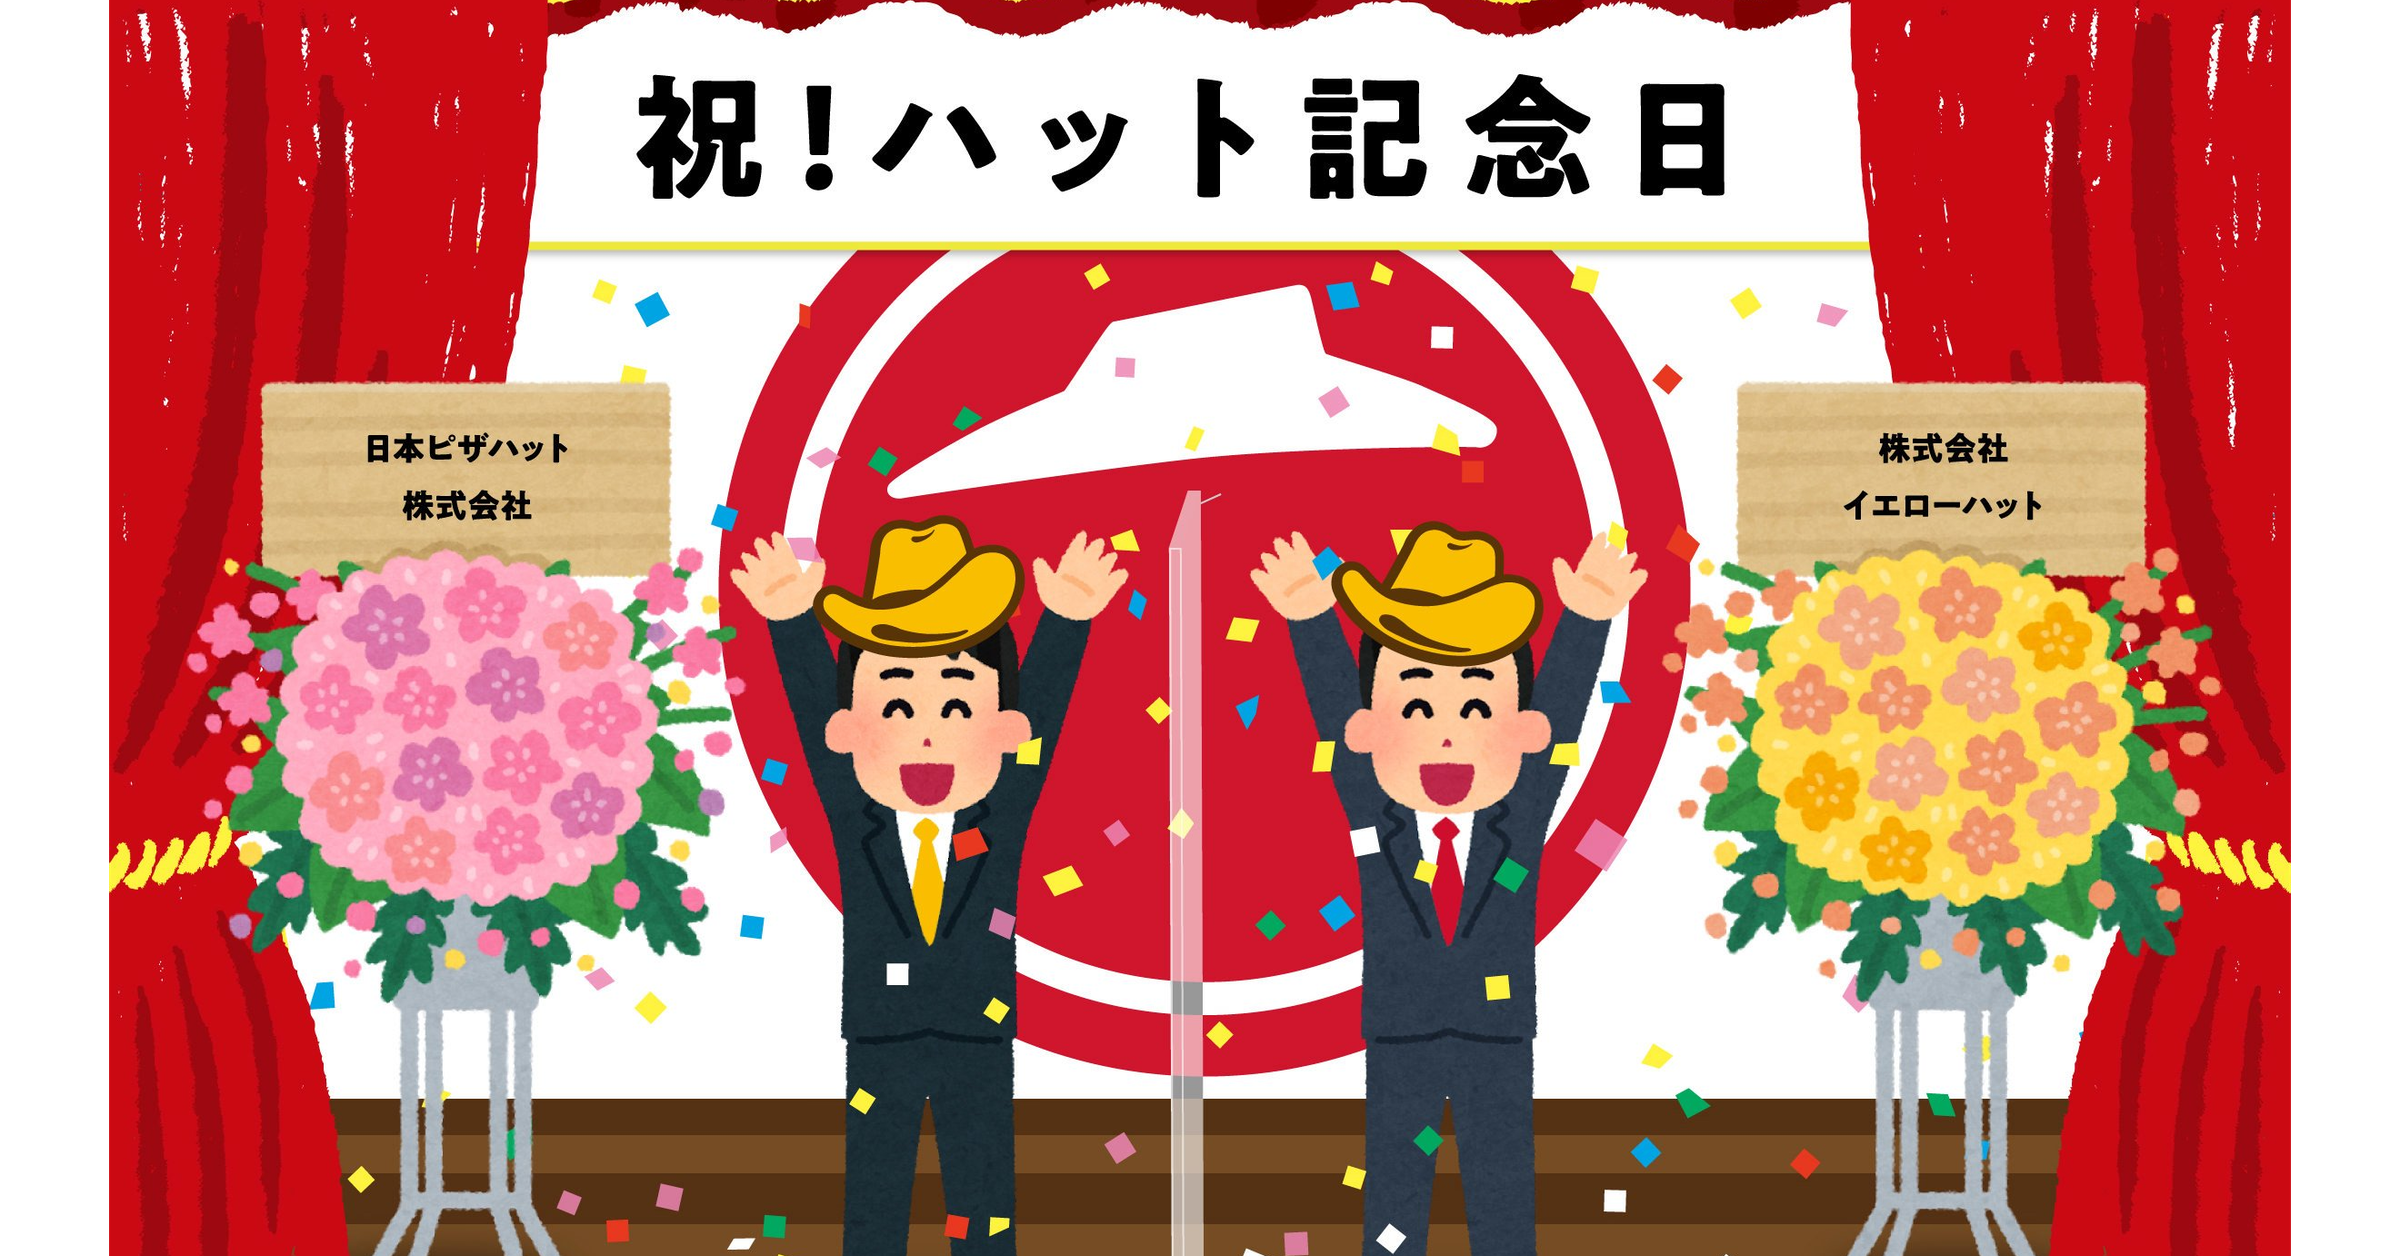 照片中提到了祝!ハット記念日、日本ピザハット、株式会社,跟順豐生物有關,包含了動畫片、帽子、比薩、必勝客、連鎖店